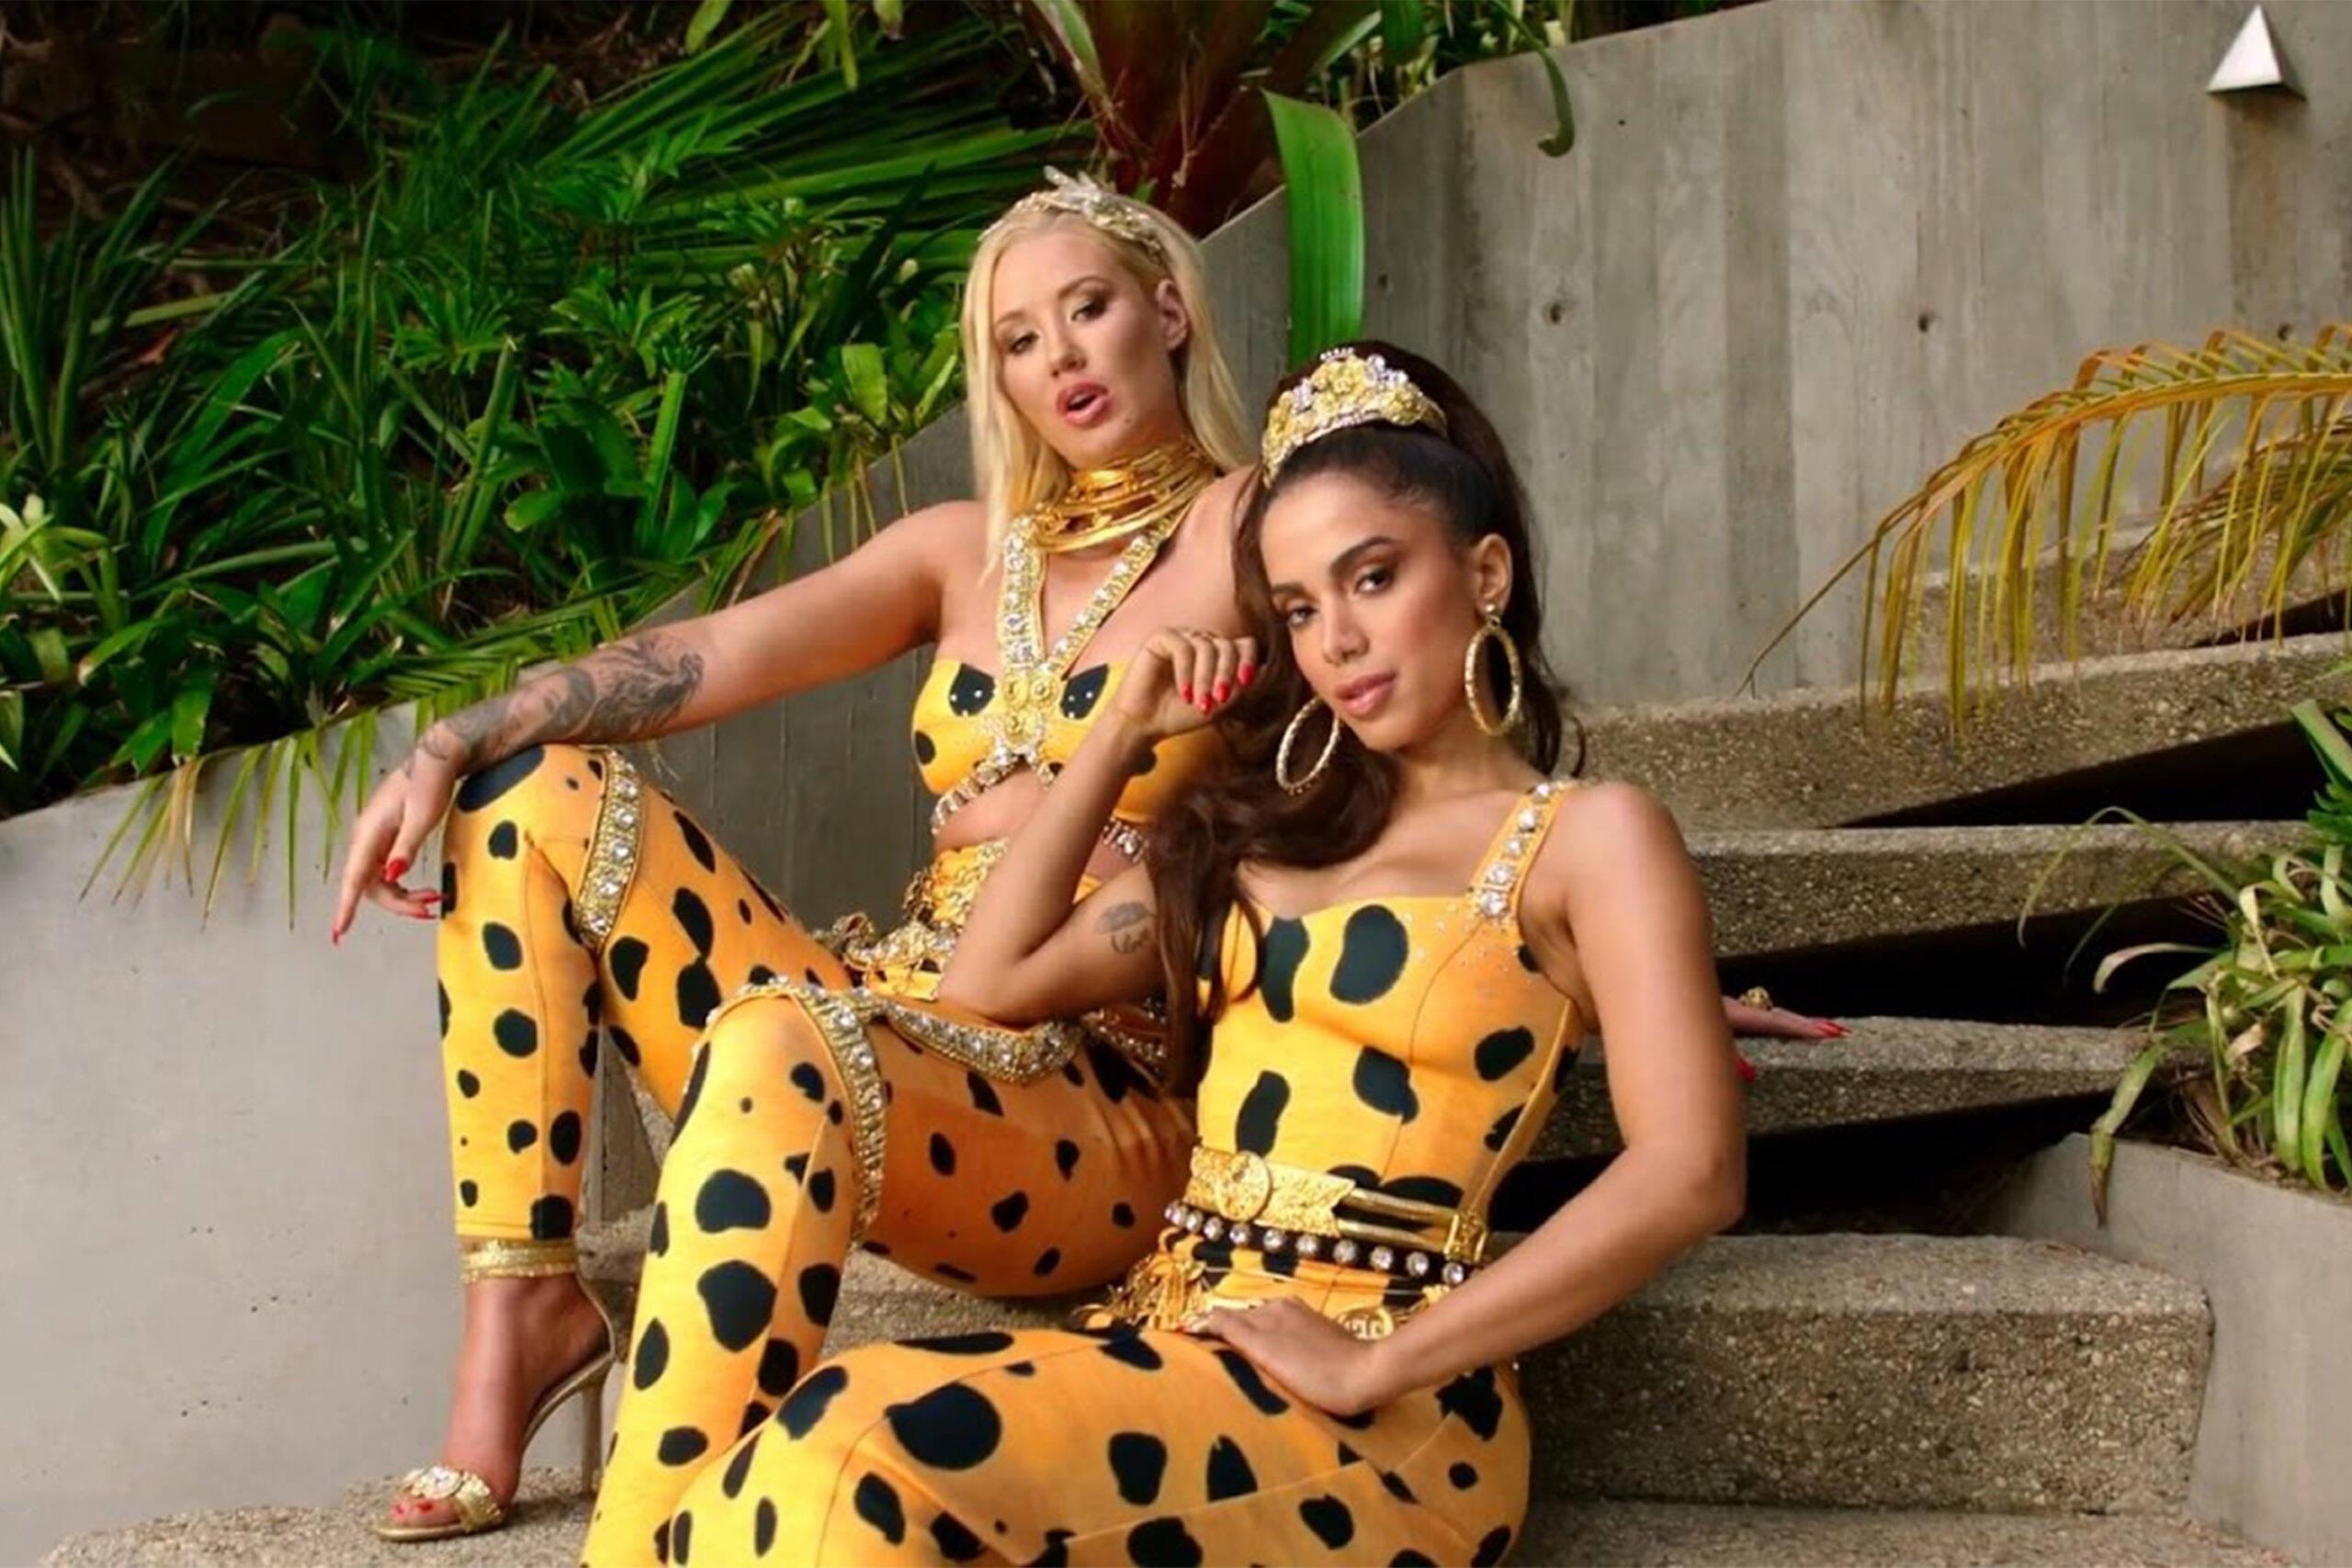 Com apenas 28 anos, a jovem acumula parcerias com astros como como Madonna. Ela também já cantou com Cardi B, Maluma, Iggy Azalea e Major Lazer. (Foto: YouTube)